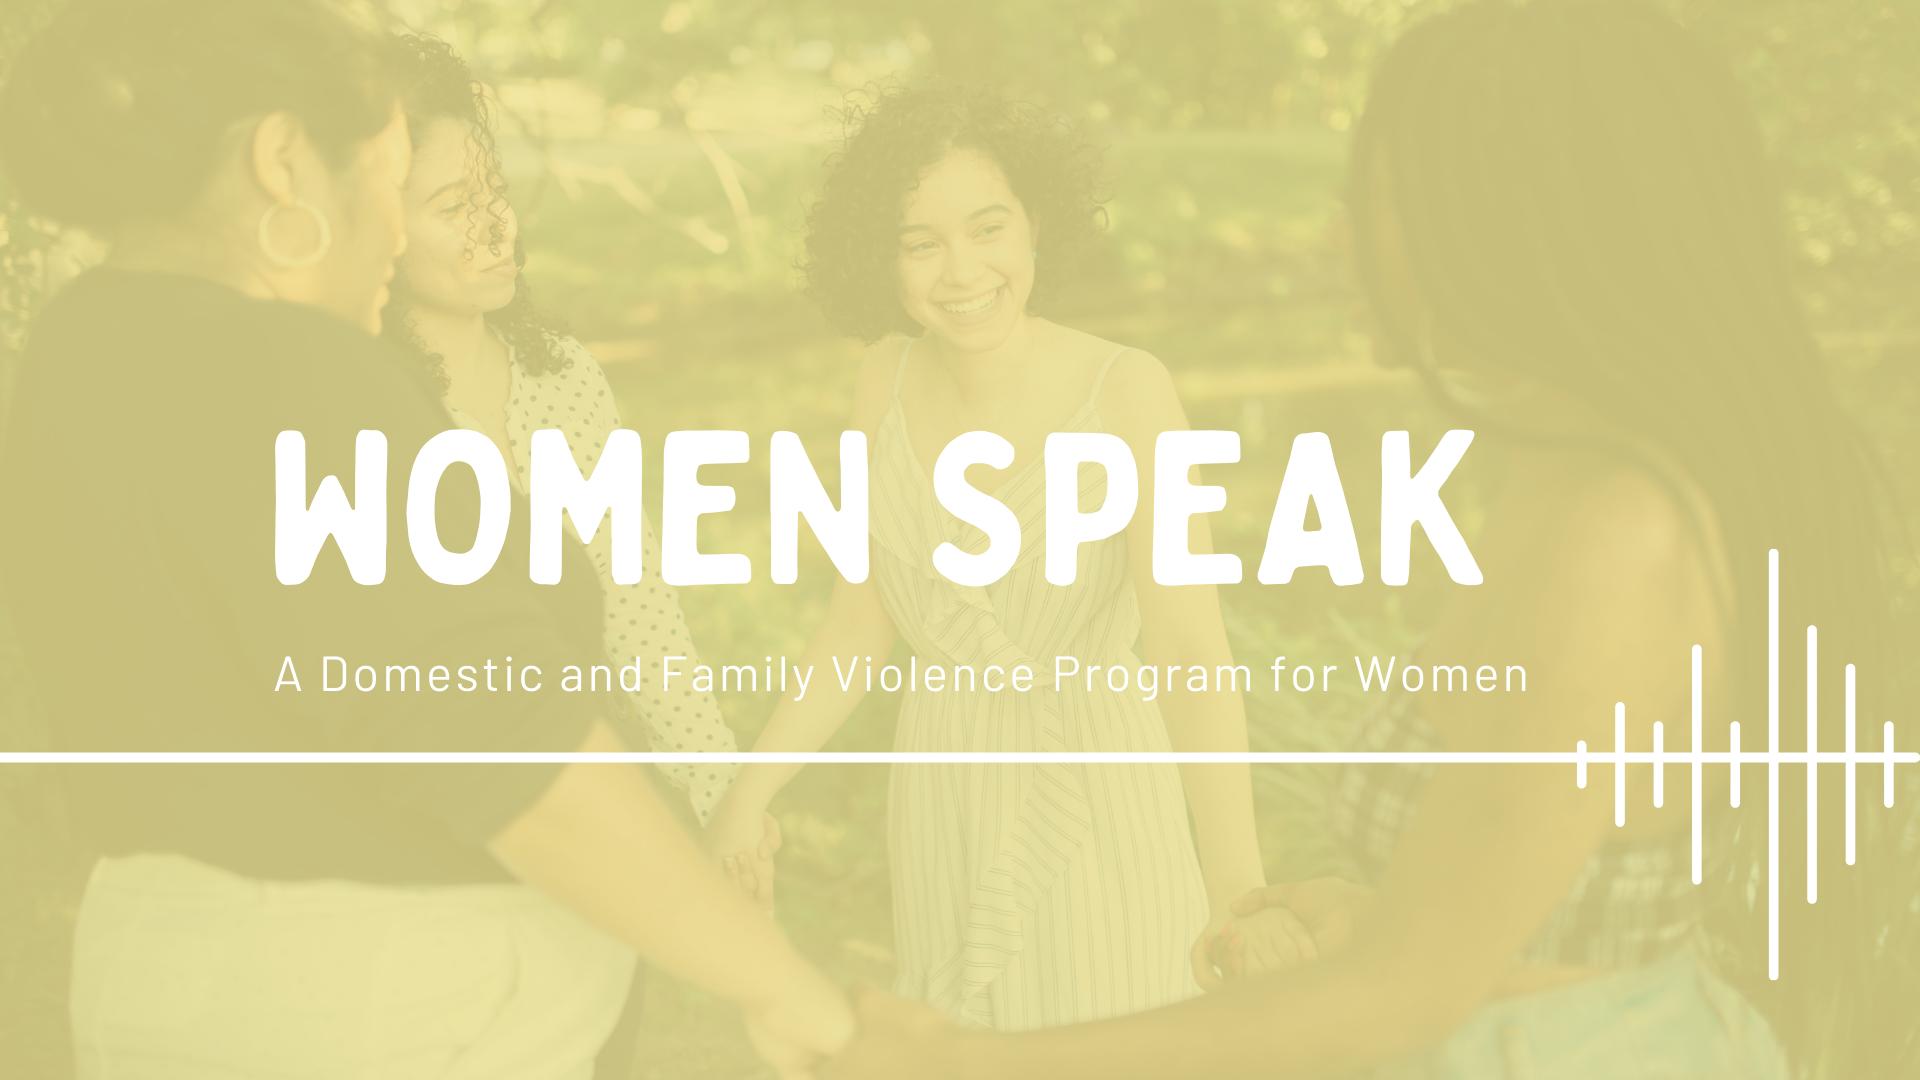 Women Speak – Domestic Violence Program For Women